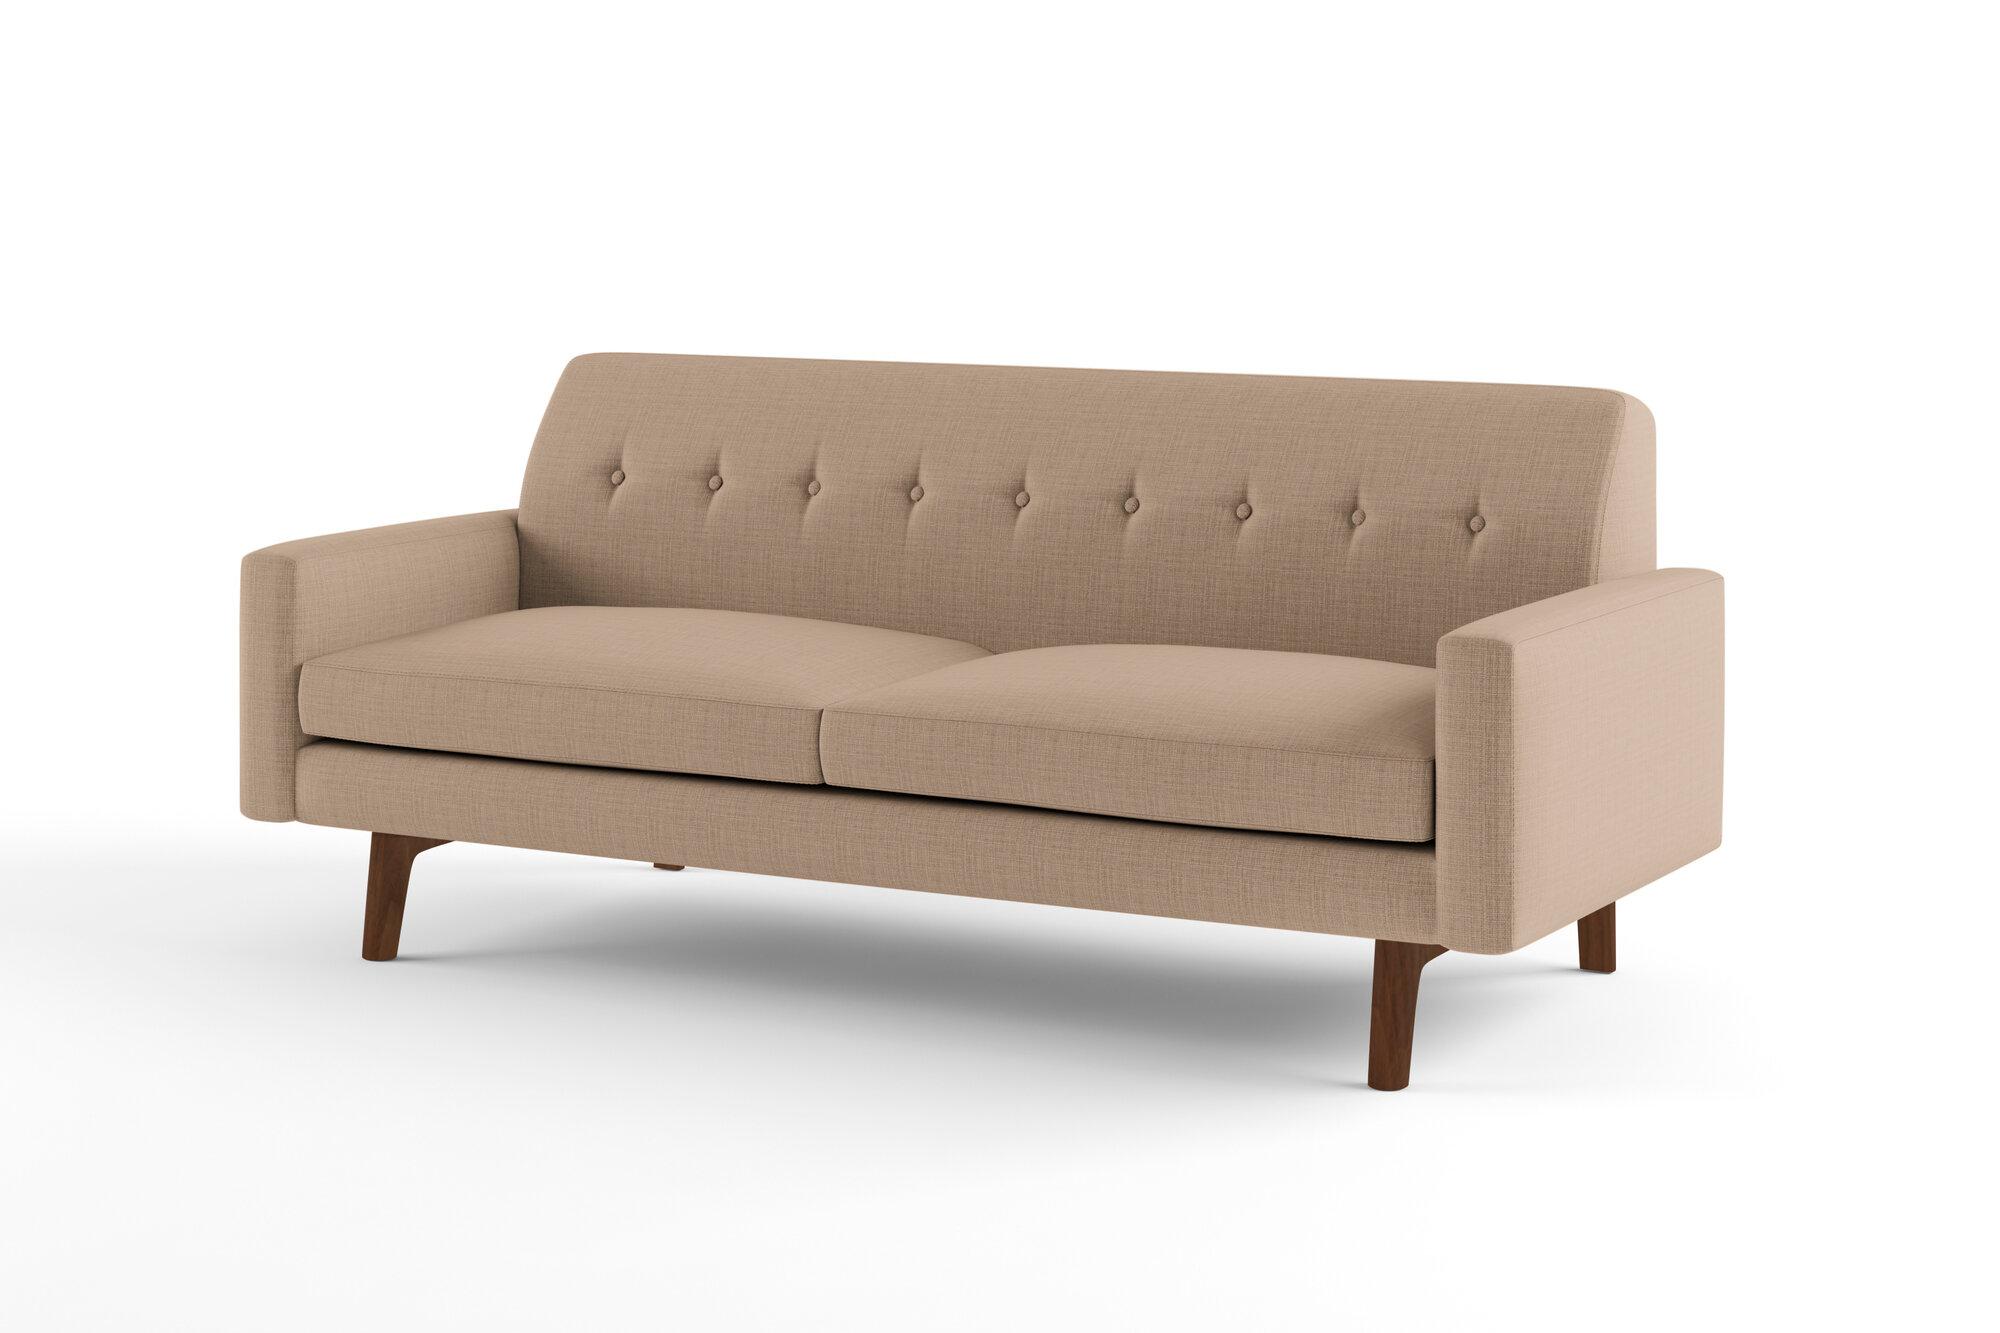 BenchMade Modern Tyler Condo Sofa